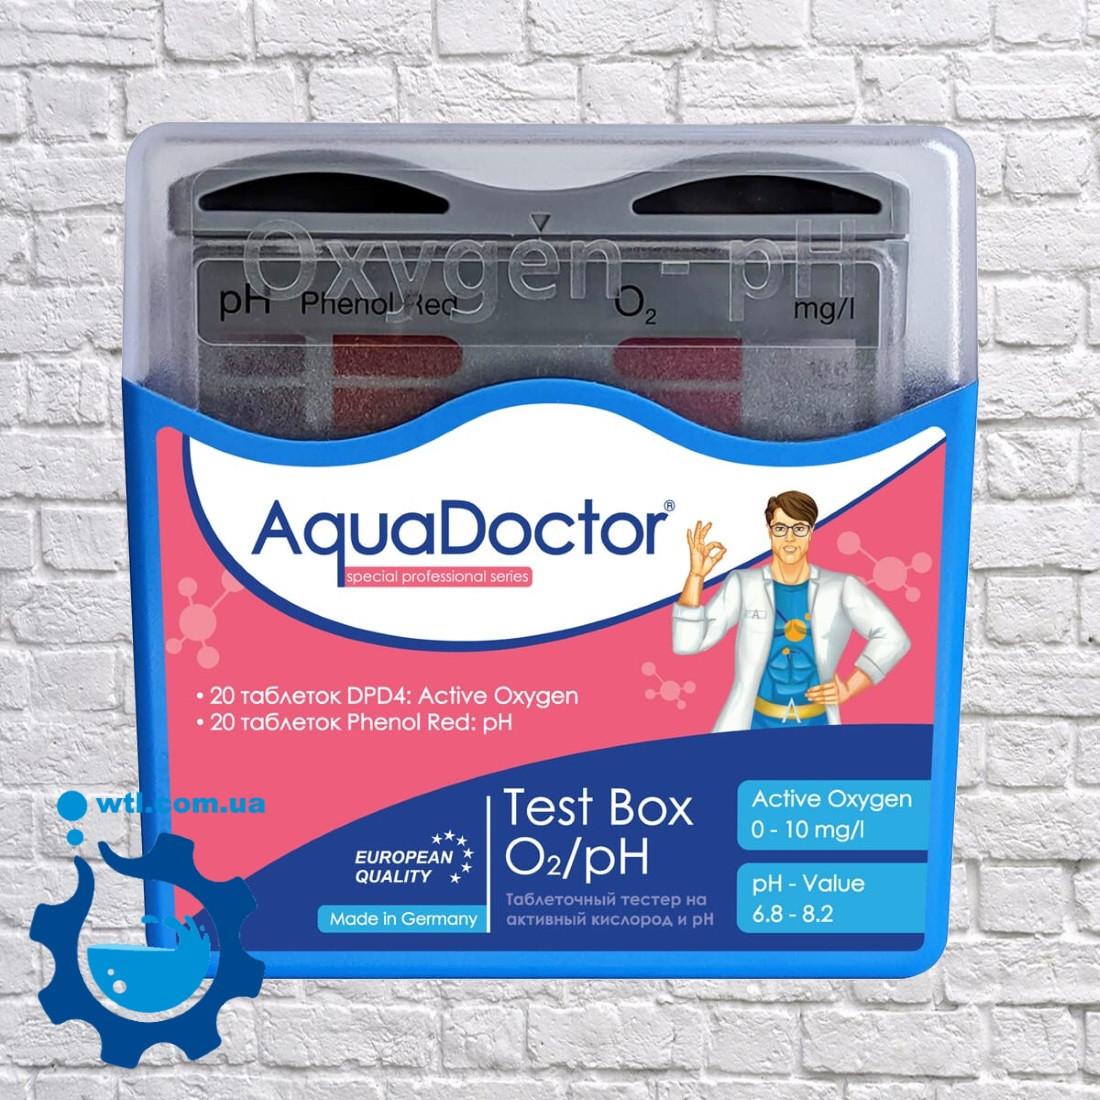 Таблетковий тестер для перевірки активного кисню і рівня рн у басейні Aquadoctor Box pH і O2 Німеччина